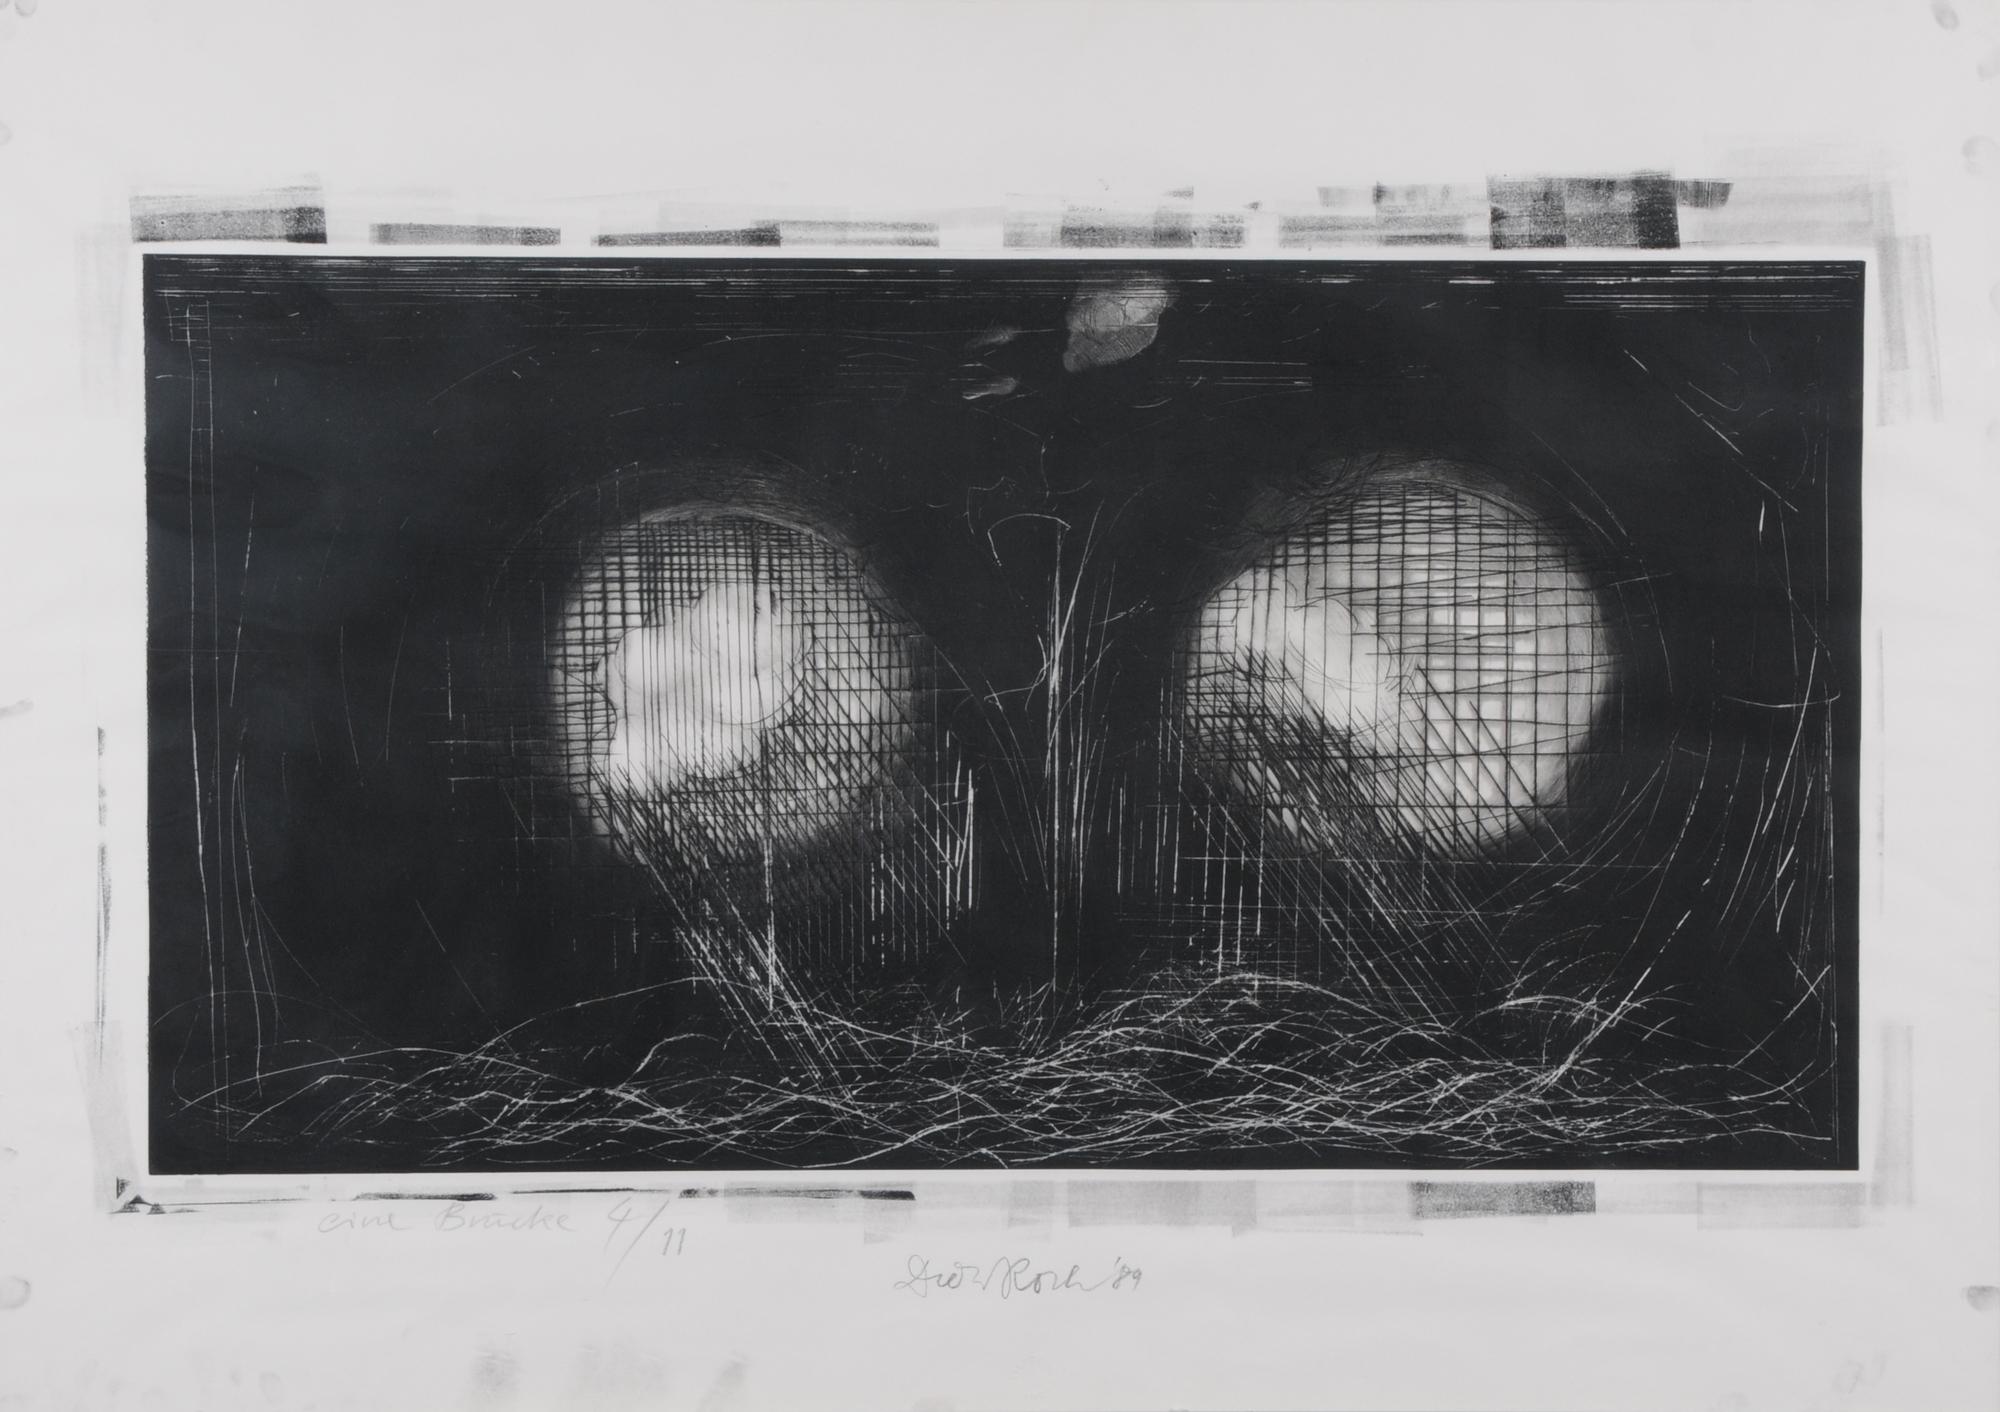 Roth Dieter, 2 sheets: Eine Brücke, 1989; Selbstbild als Selbstbildnishaltender Löwe, 1. Condition, 1975